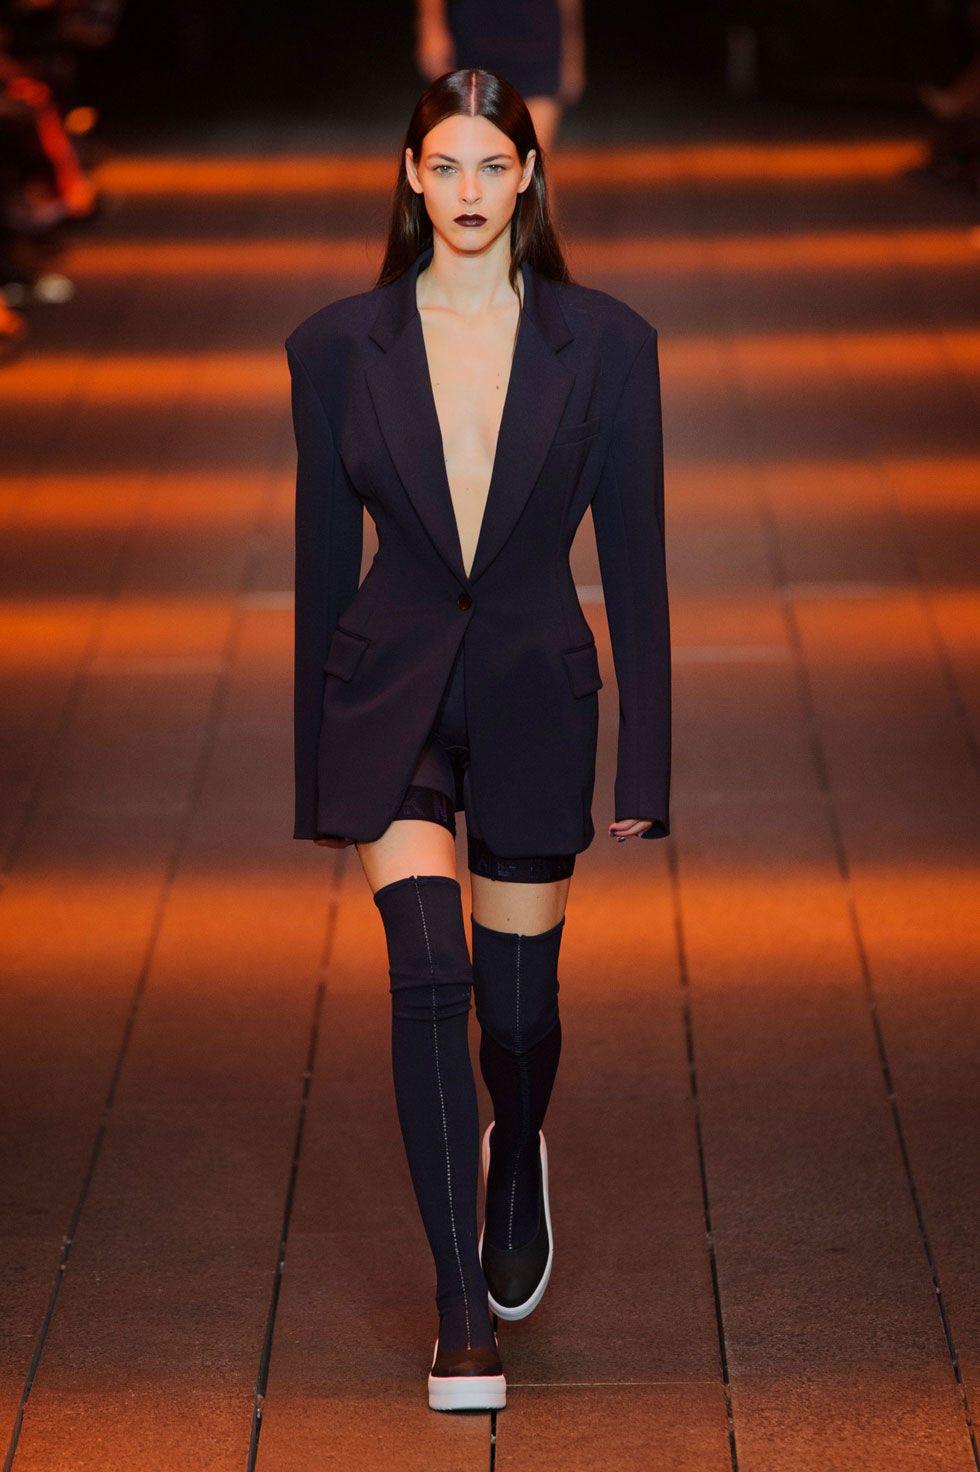 Clothing, Outerwear, Style, Knee, Blazer, Fashion model, Orange, Fashion, Thigh, Street fashion,